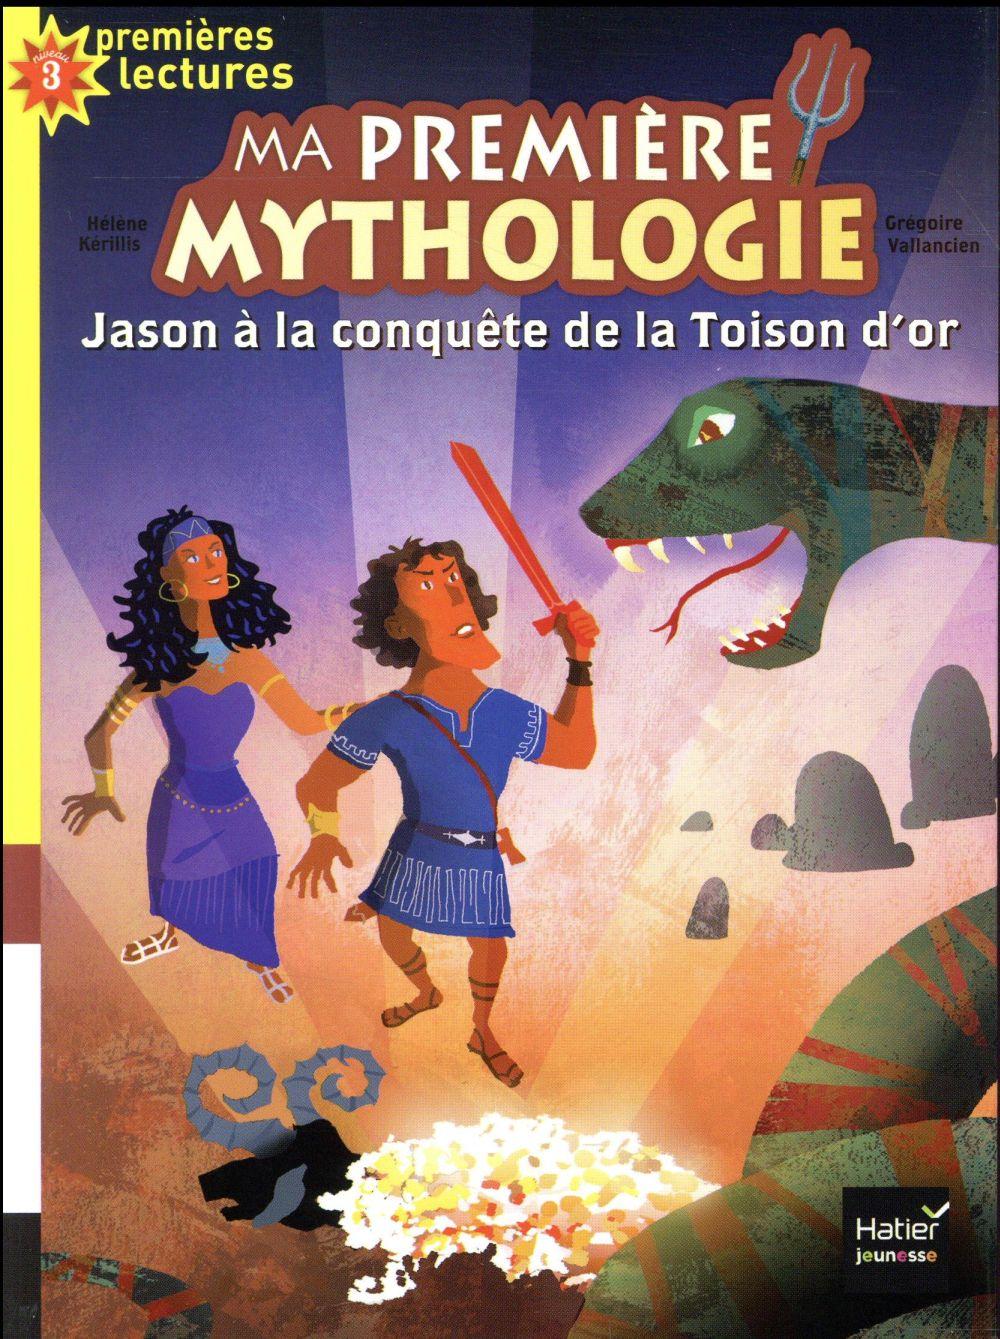 JASON A LA CONQUETE DE LA TOISON D'OR